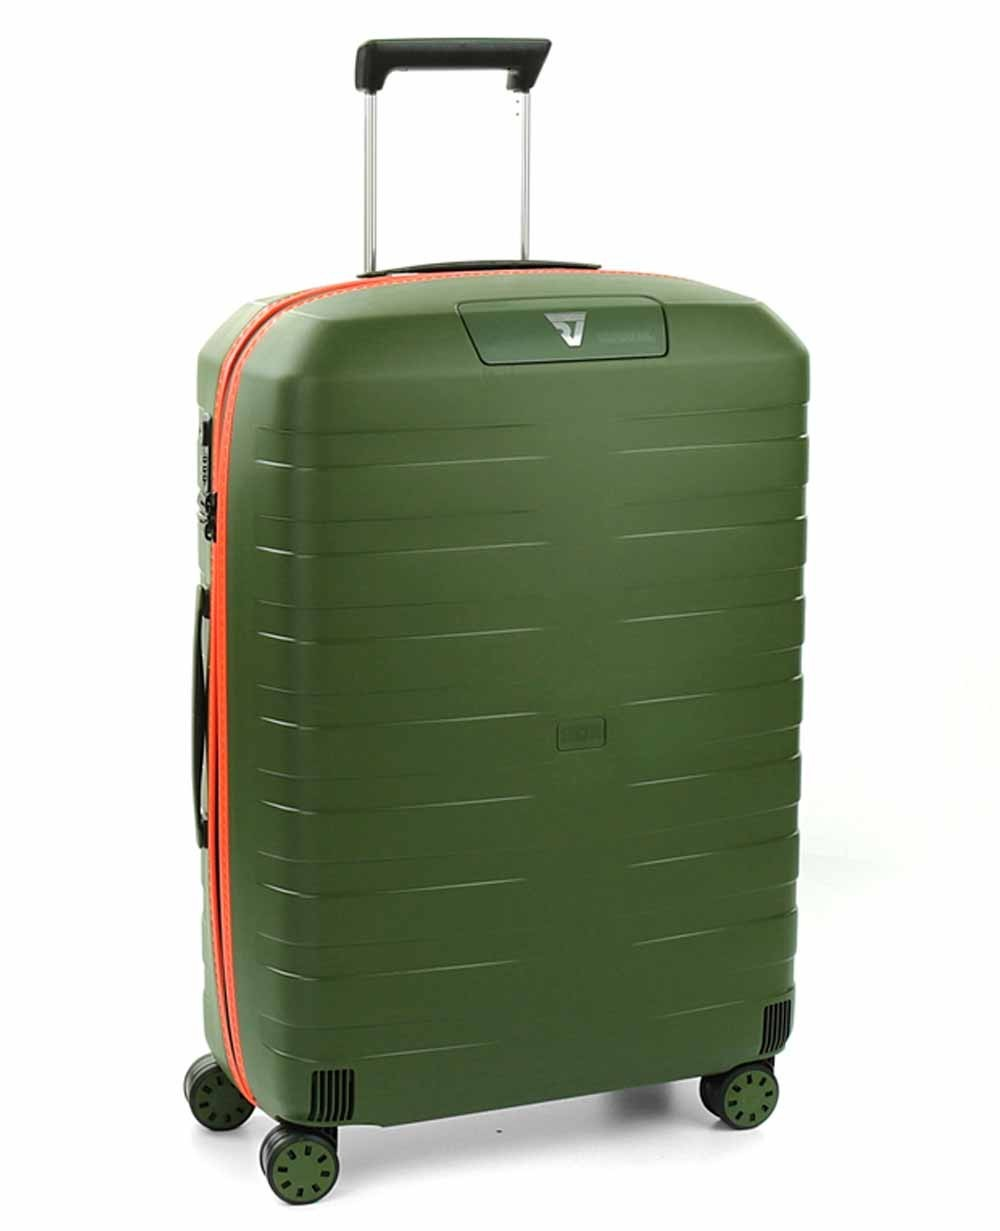 Roncato Box 2.0 Maleta mediana Verde/Naranja (Foto )